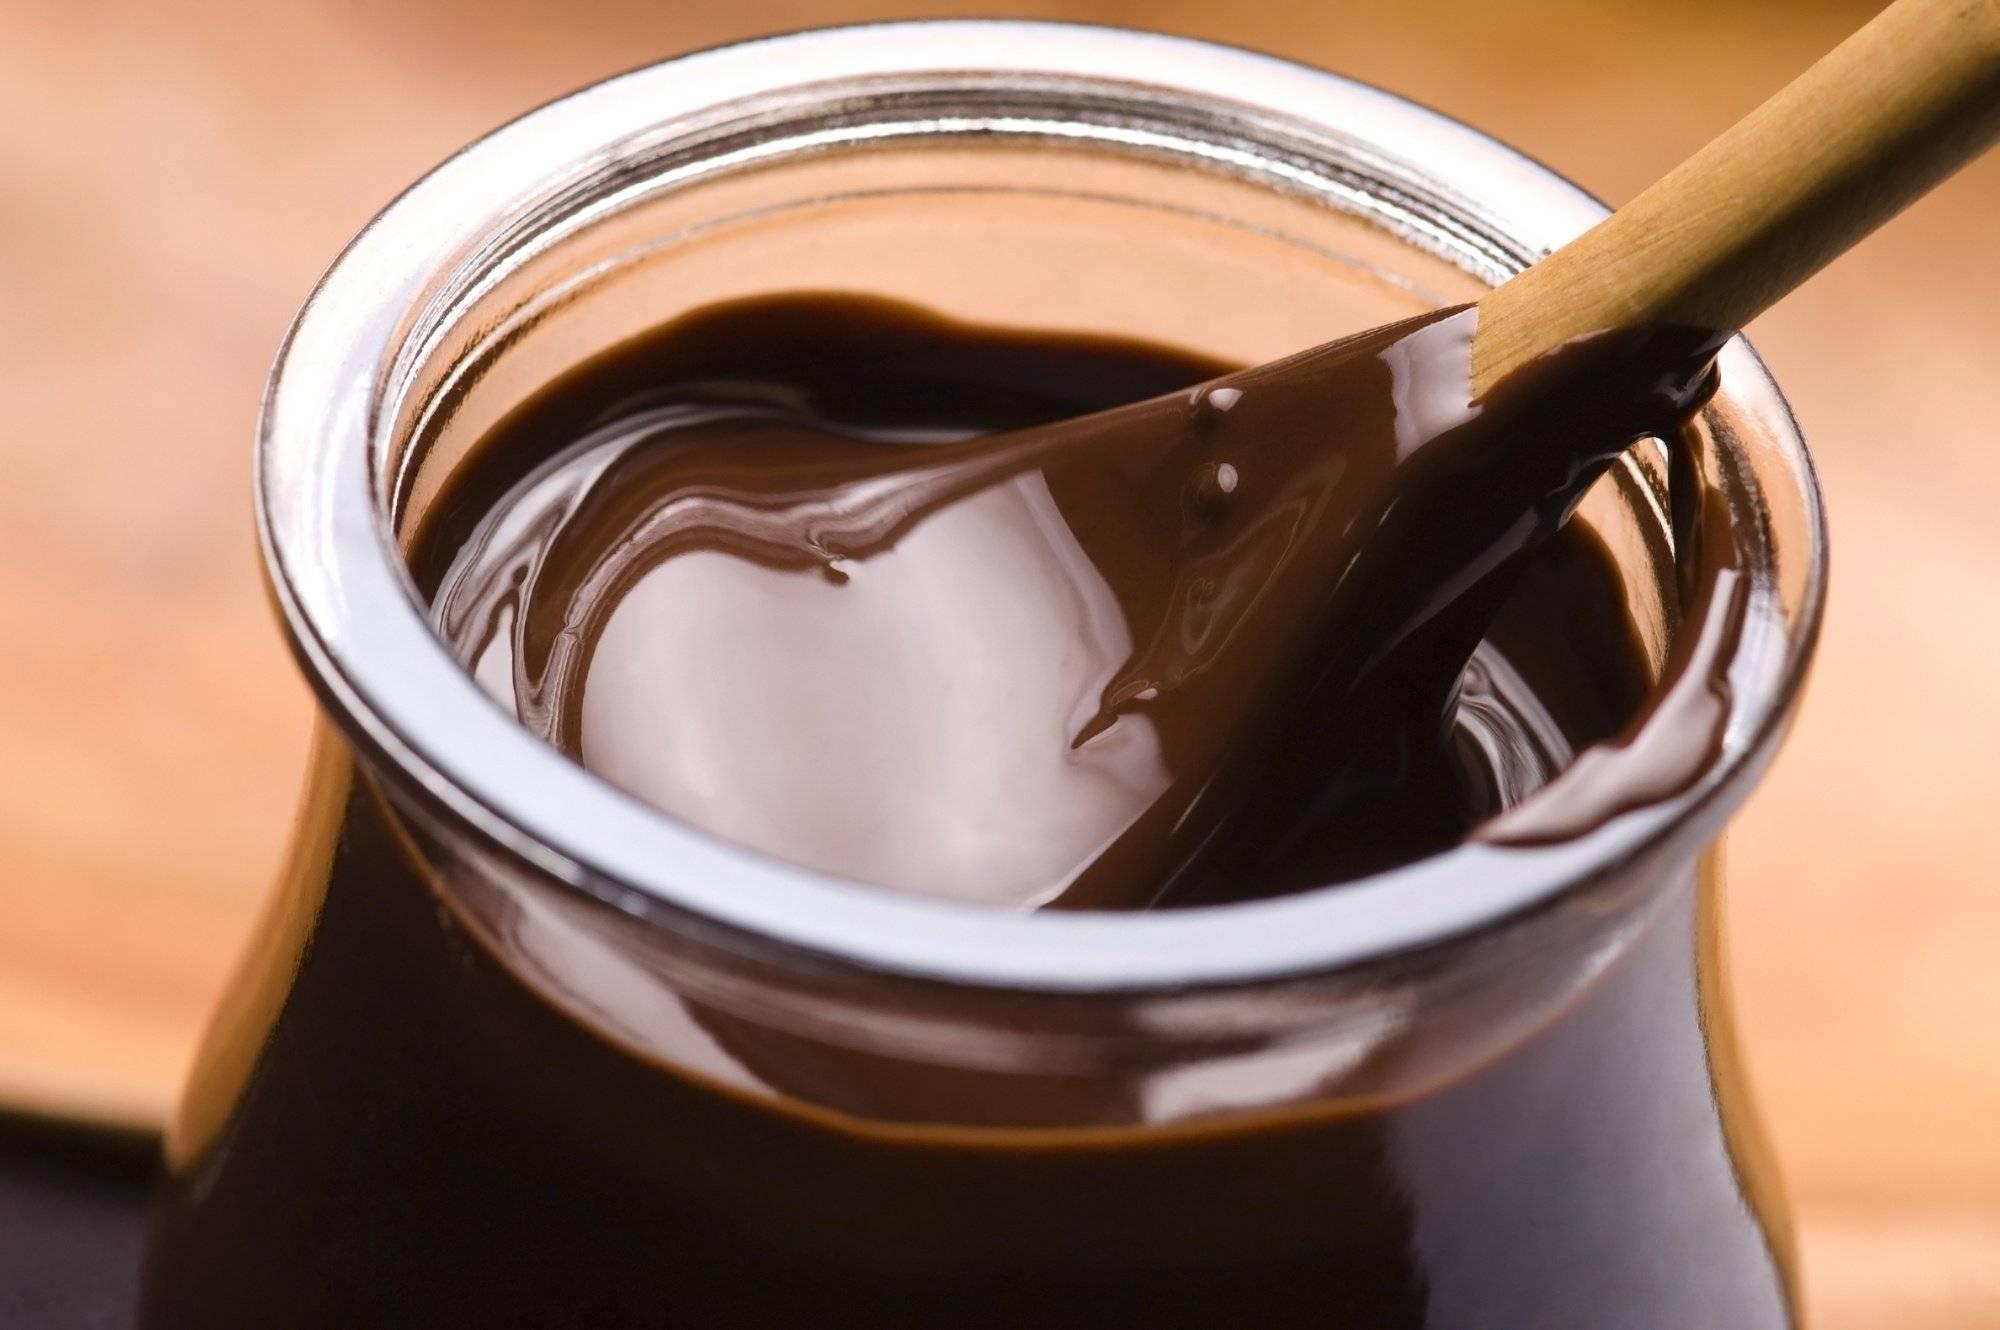 Кофе для волос: правила применения и рецепты эффективных масок